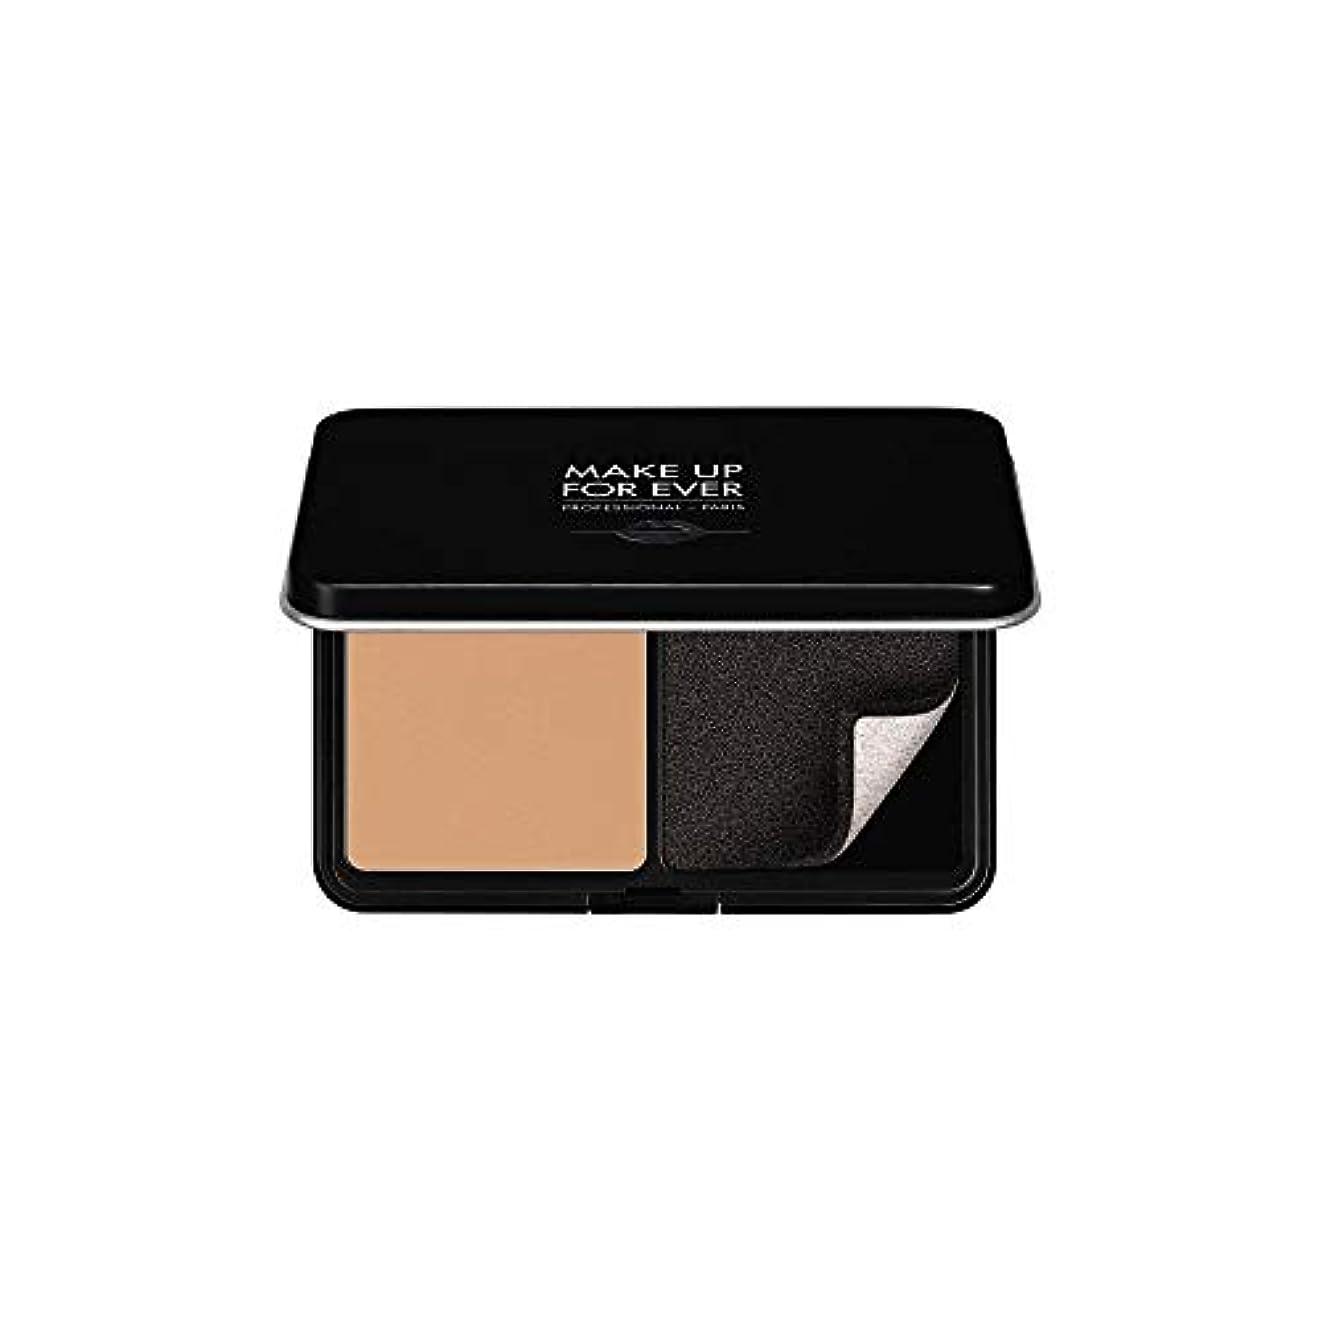 抑制するスツール印象メイクアップフォーエバー Matte Velvet Skin Blurring Powder Foundation - # Y345 (Natural Beige) 11g/0.38oz並行輸入品